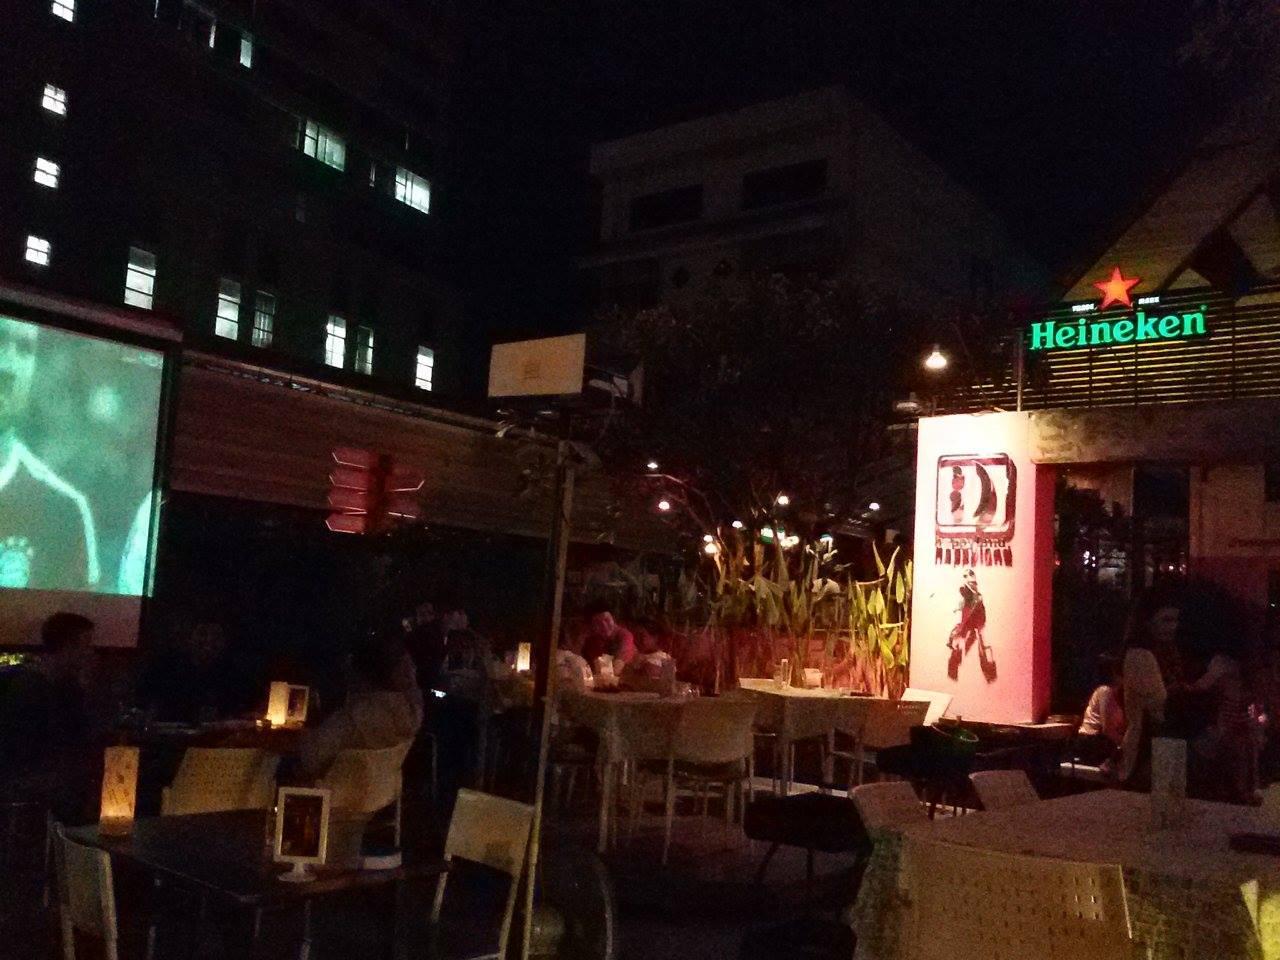 Happyland Pub : ผับอีกแห่งใจกลางโคราช ดินแดนแห่งความเมามันส์